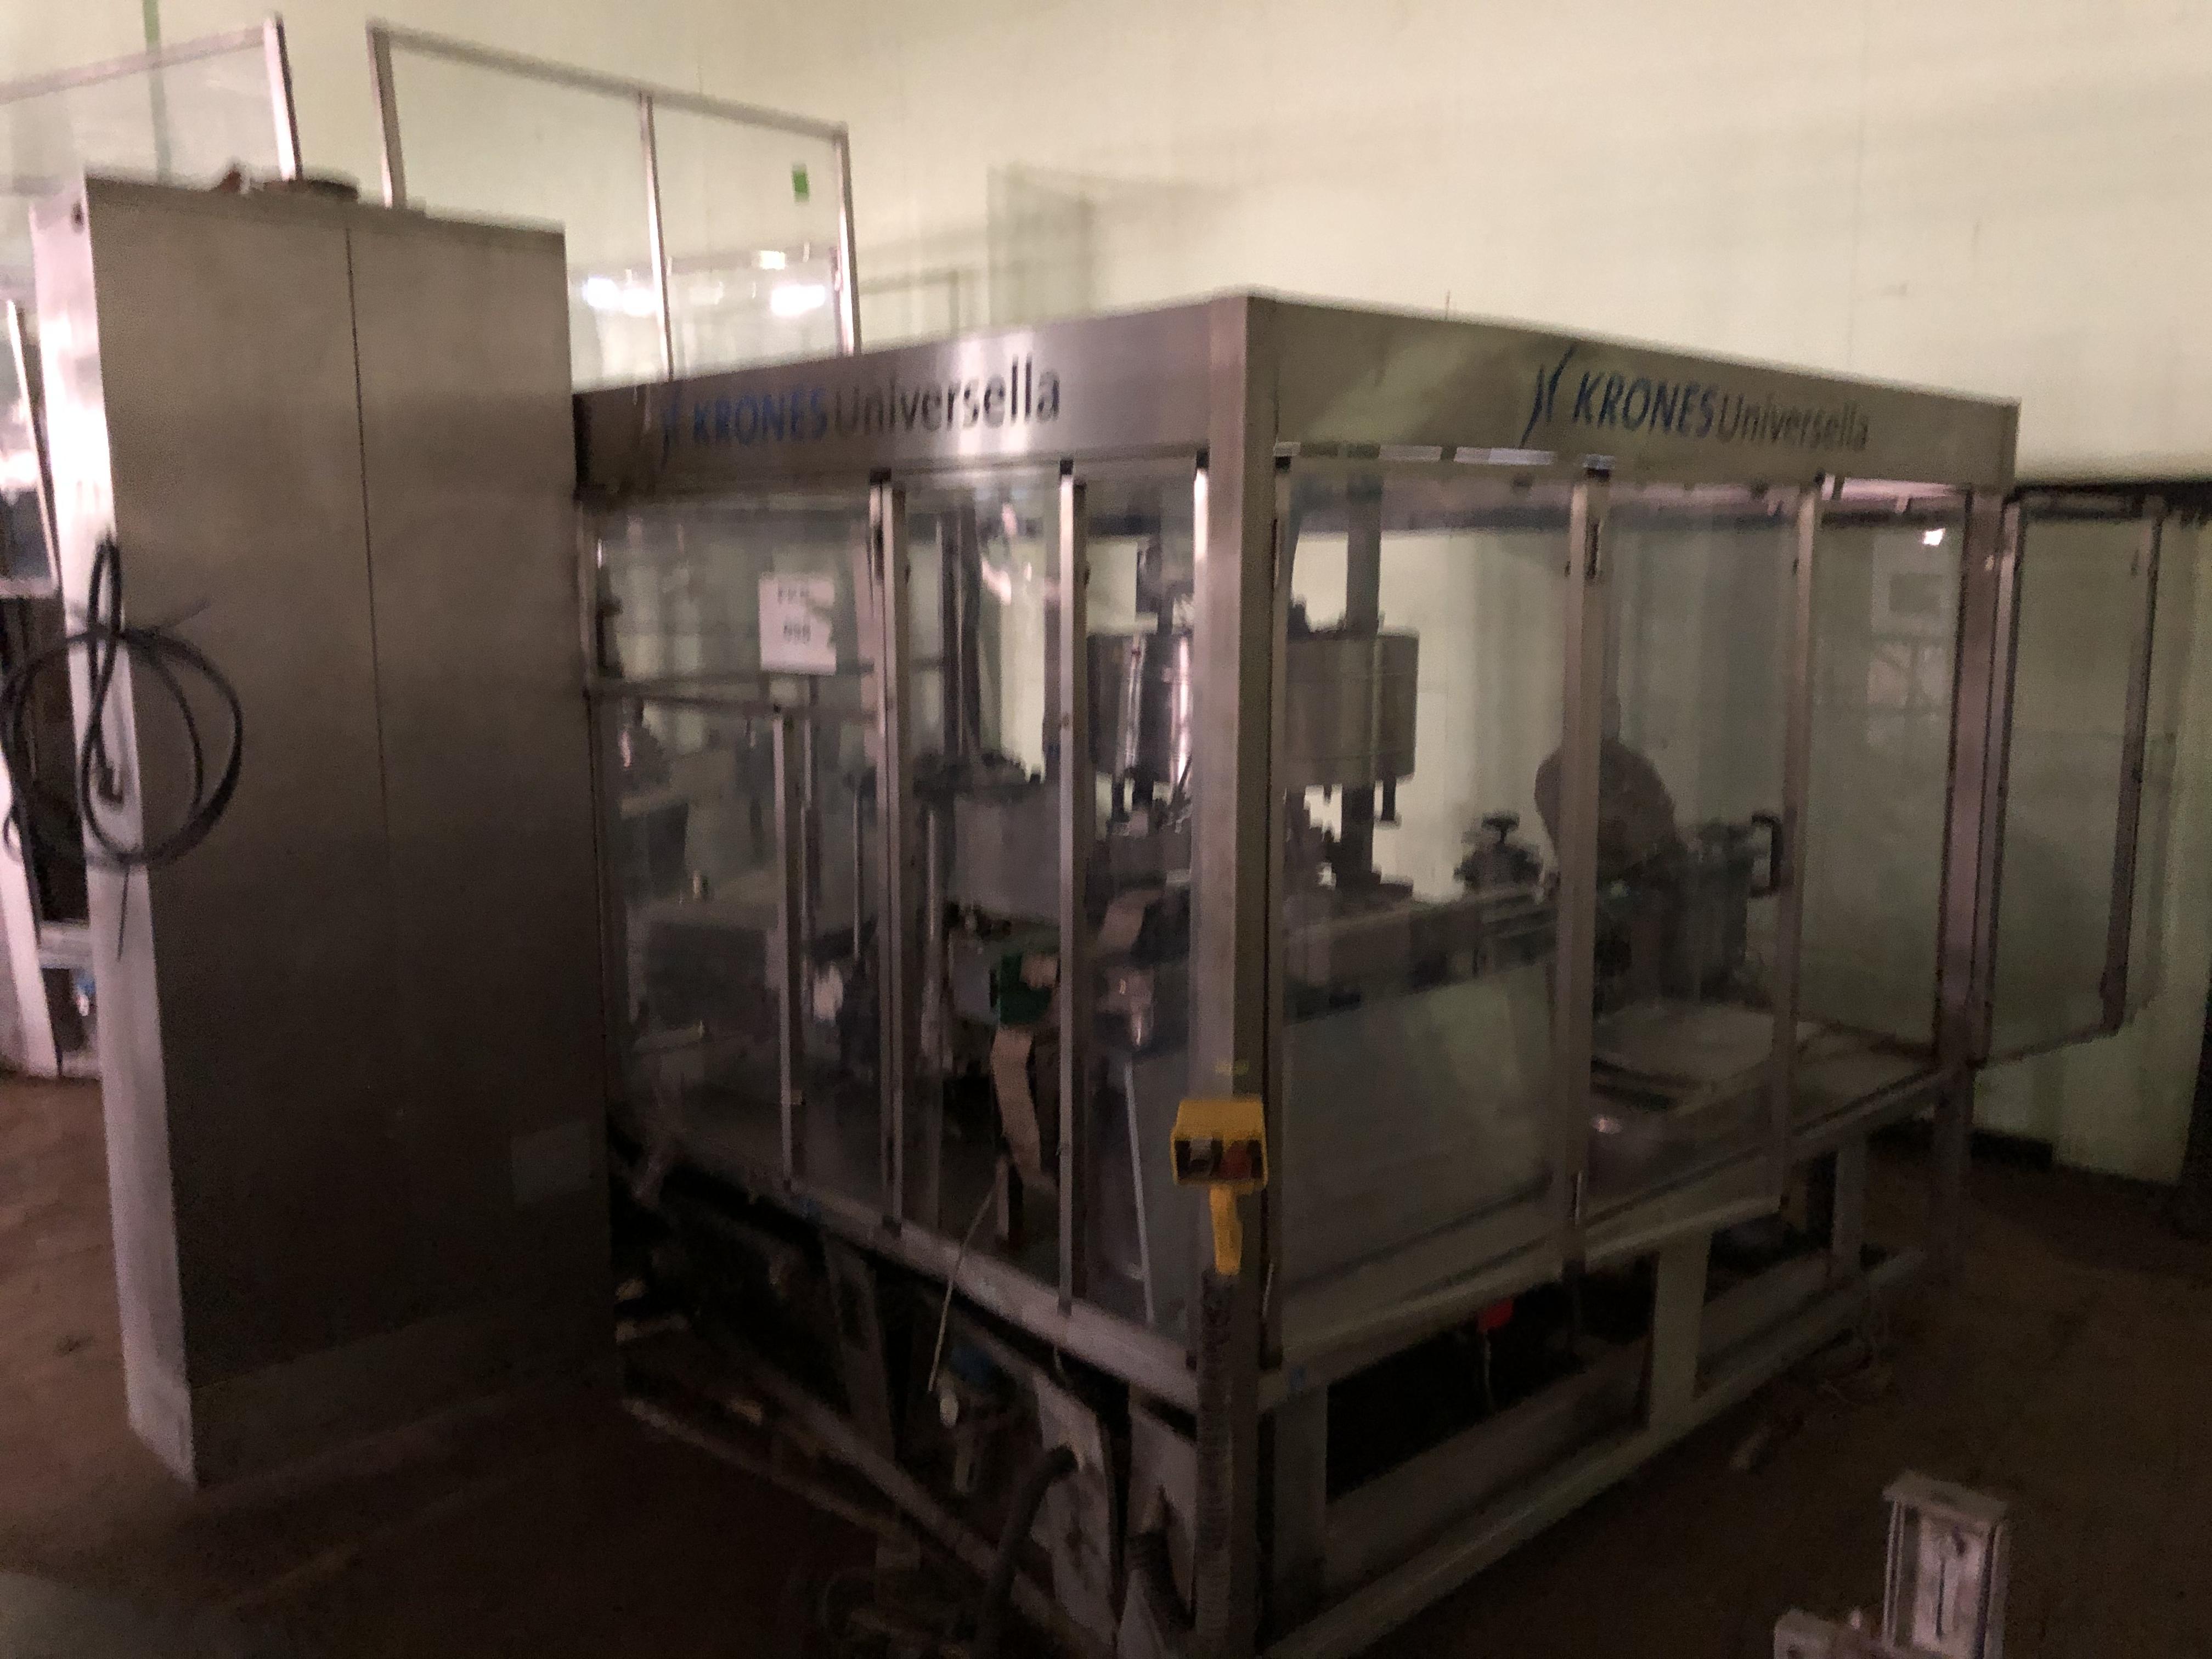 Krones Universella Labeler, Machine #723-E86, RIGGING FEE - $1750 - Image 6 of 6